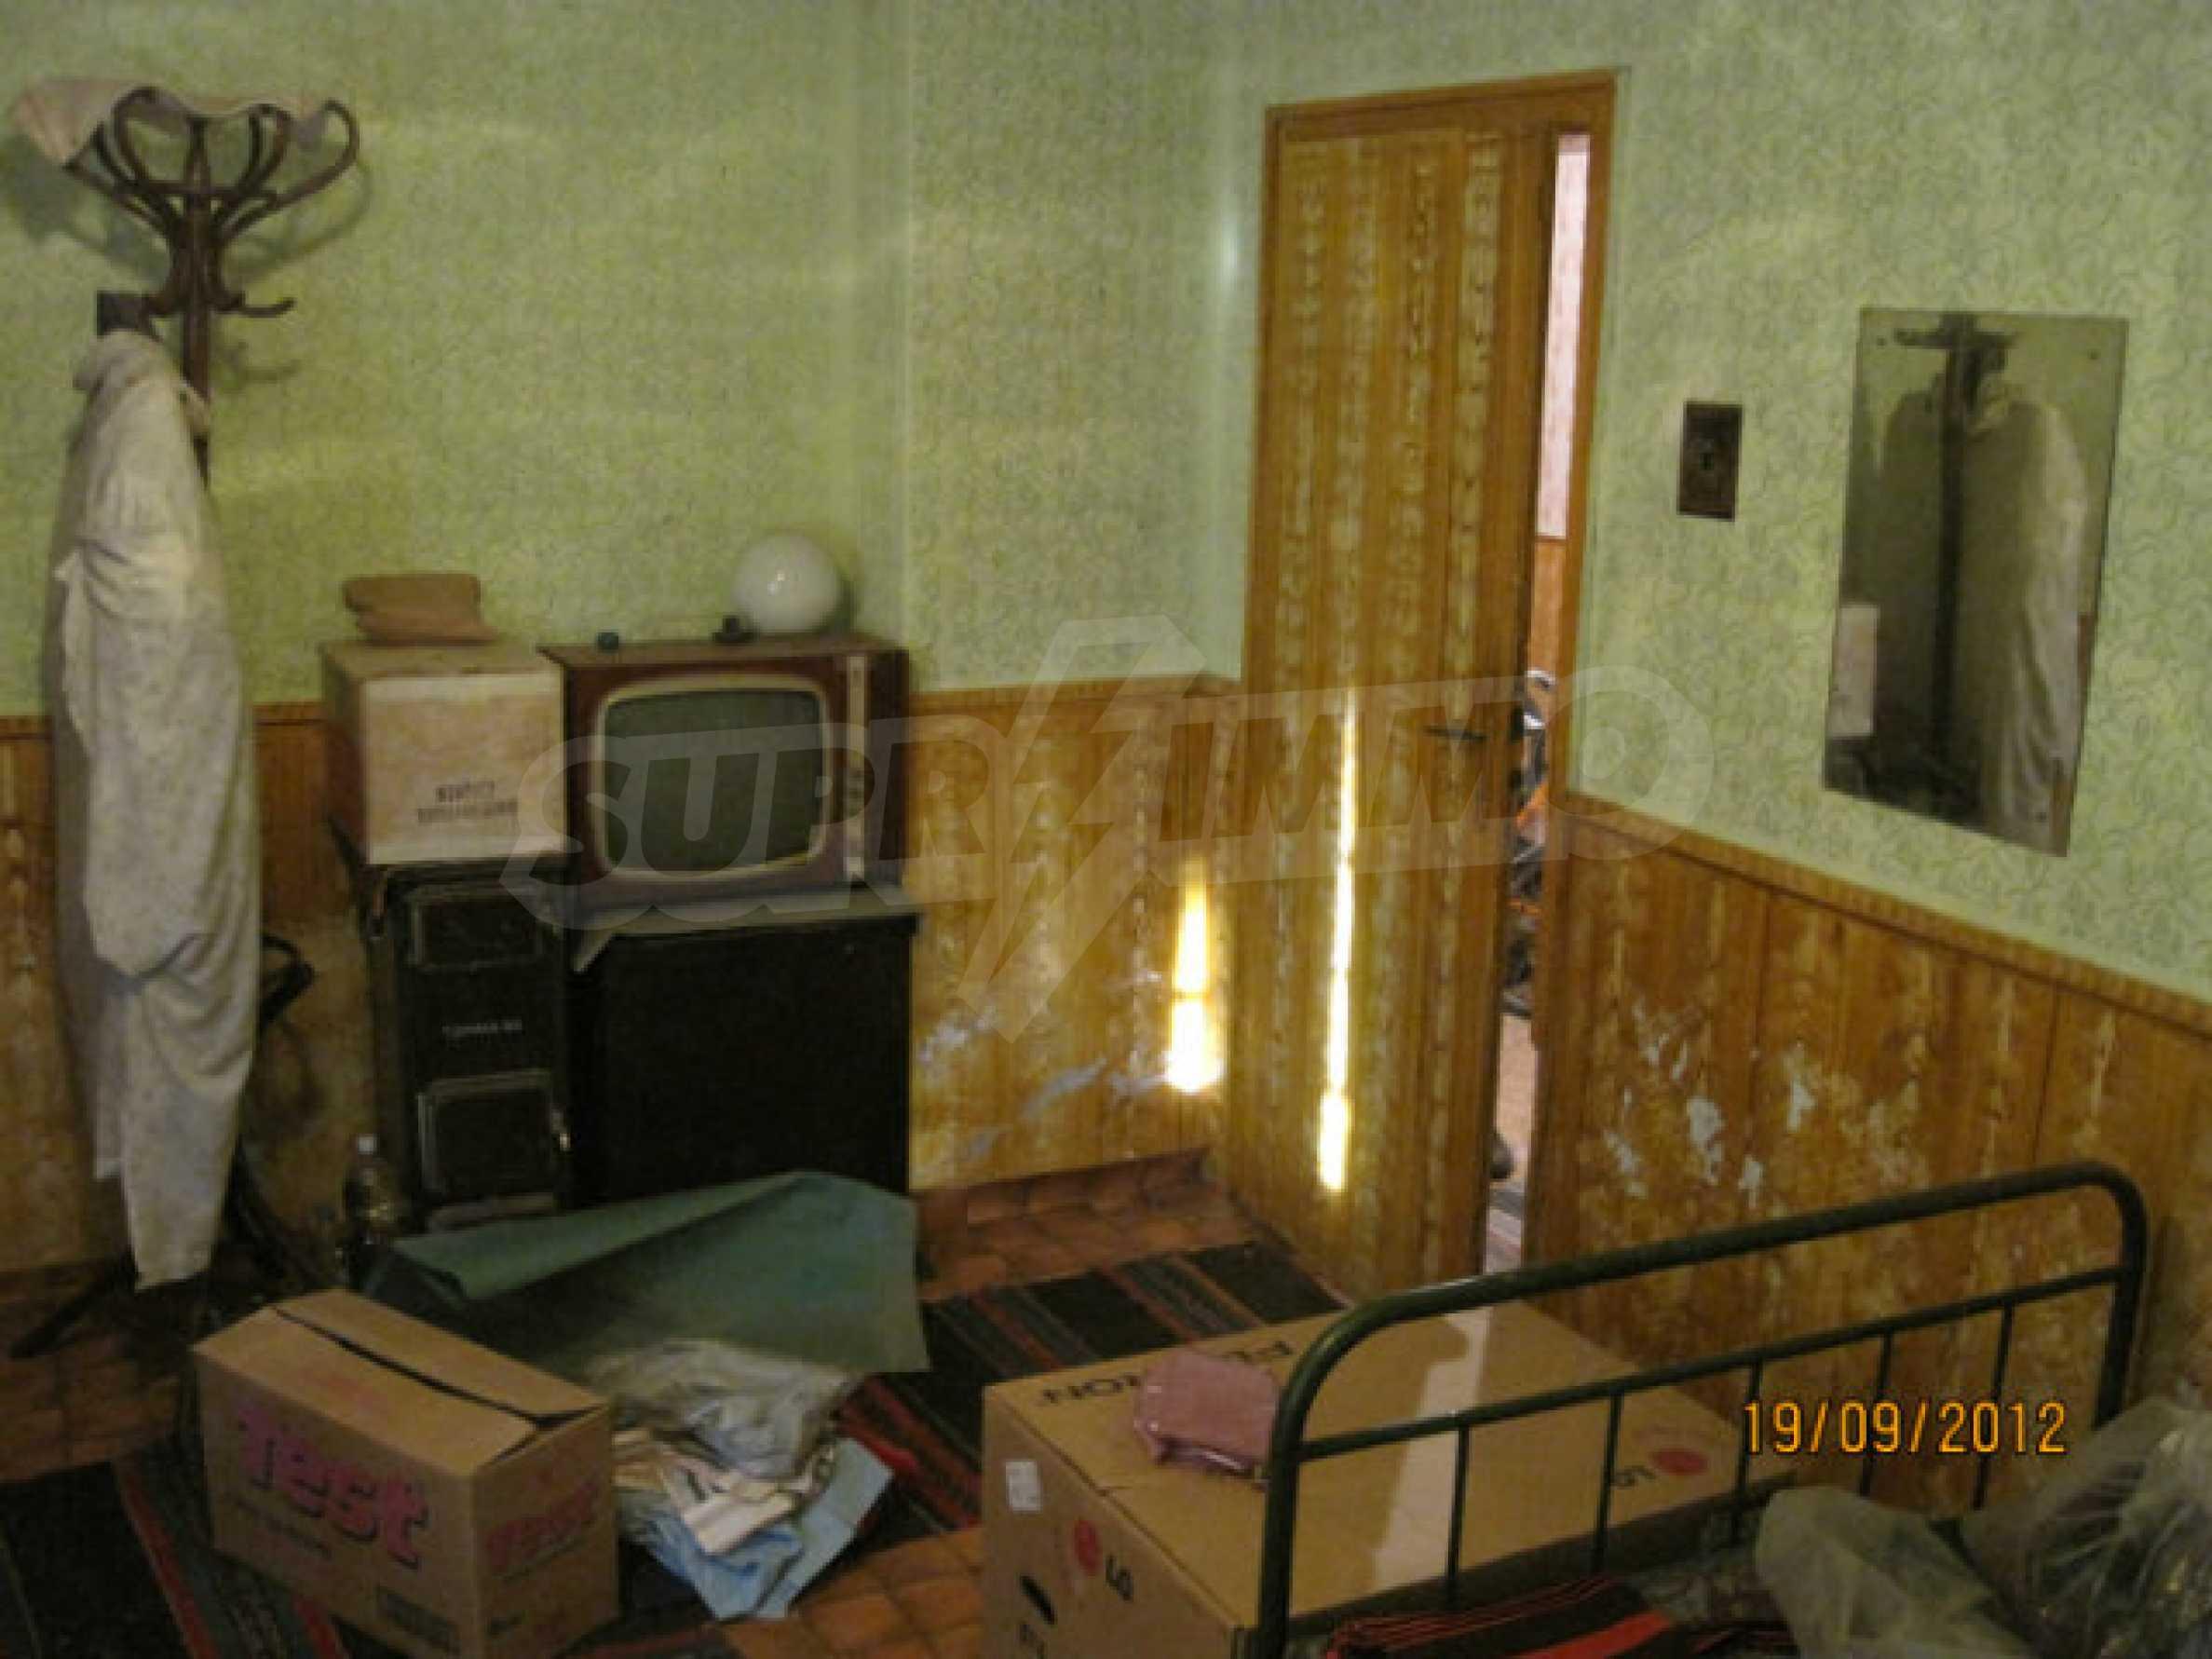 Einfamilienhaus mit Hof zum Verkauf in einem ruhigen Dorf in der Nähe von Dimitrovgrad 4